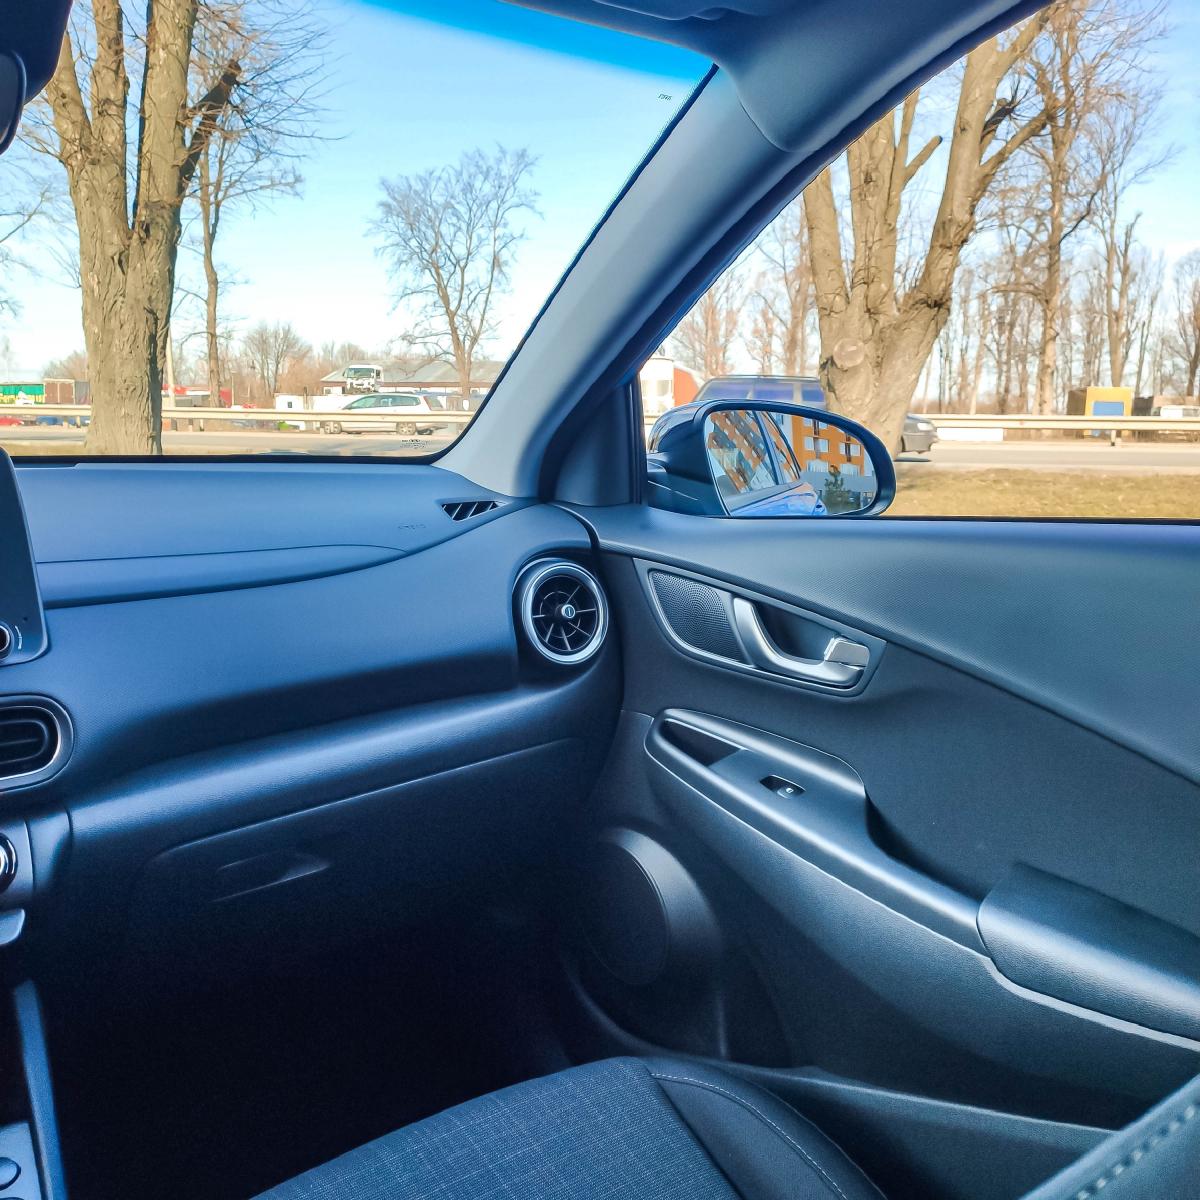 Надзвичайний автомобіль з незвичайним кольором!   Хюндай Мотор Україна - фото 11